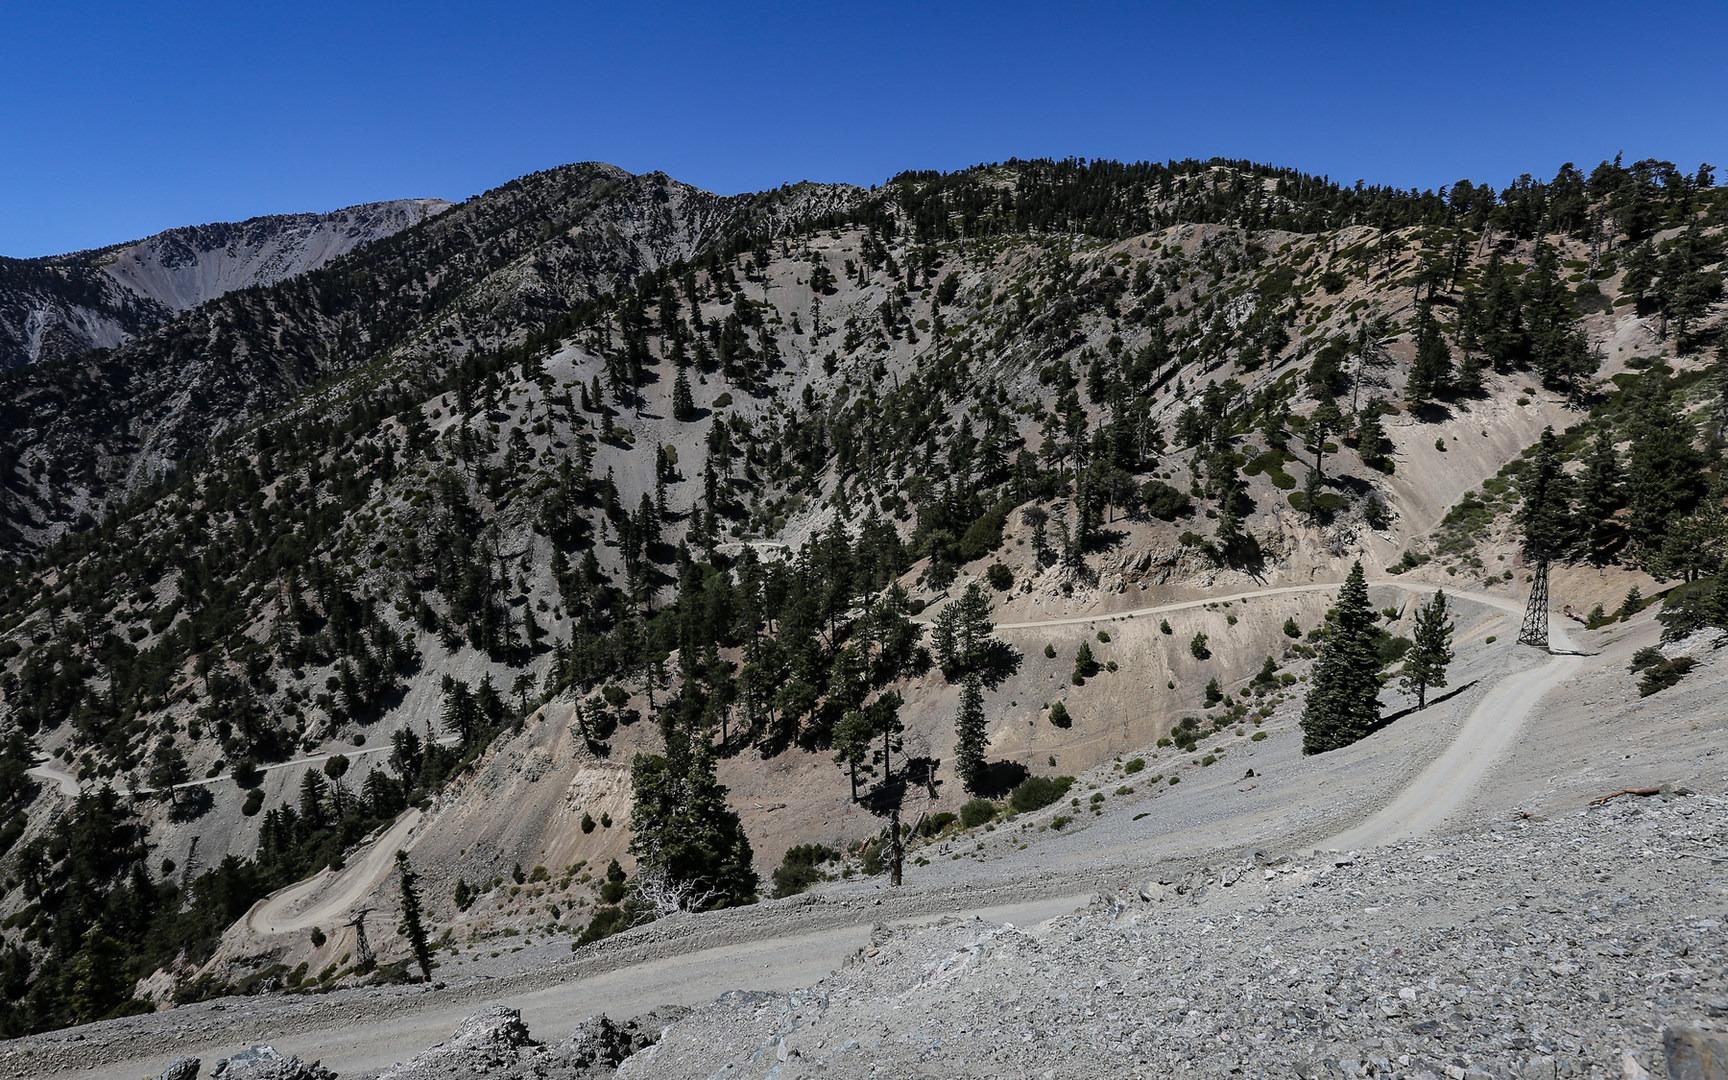 Mount Baldy Summit Via Devils Backbone Trail Outdoor Project